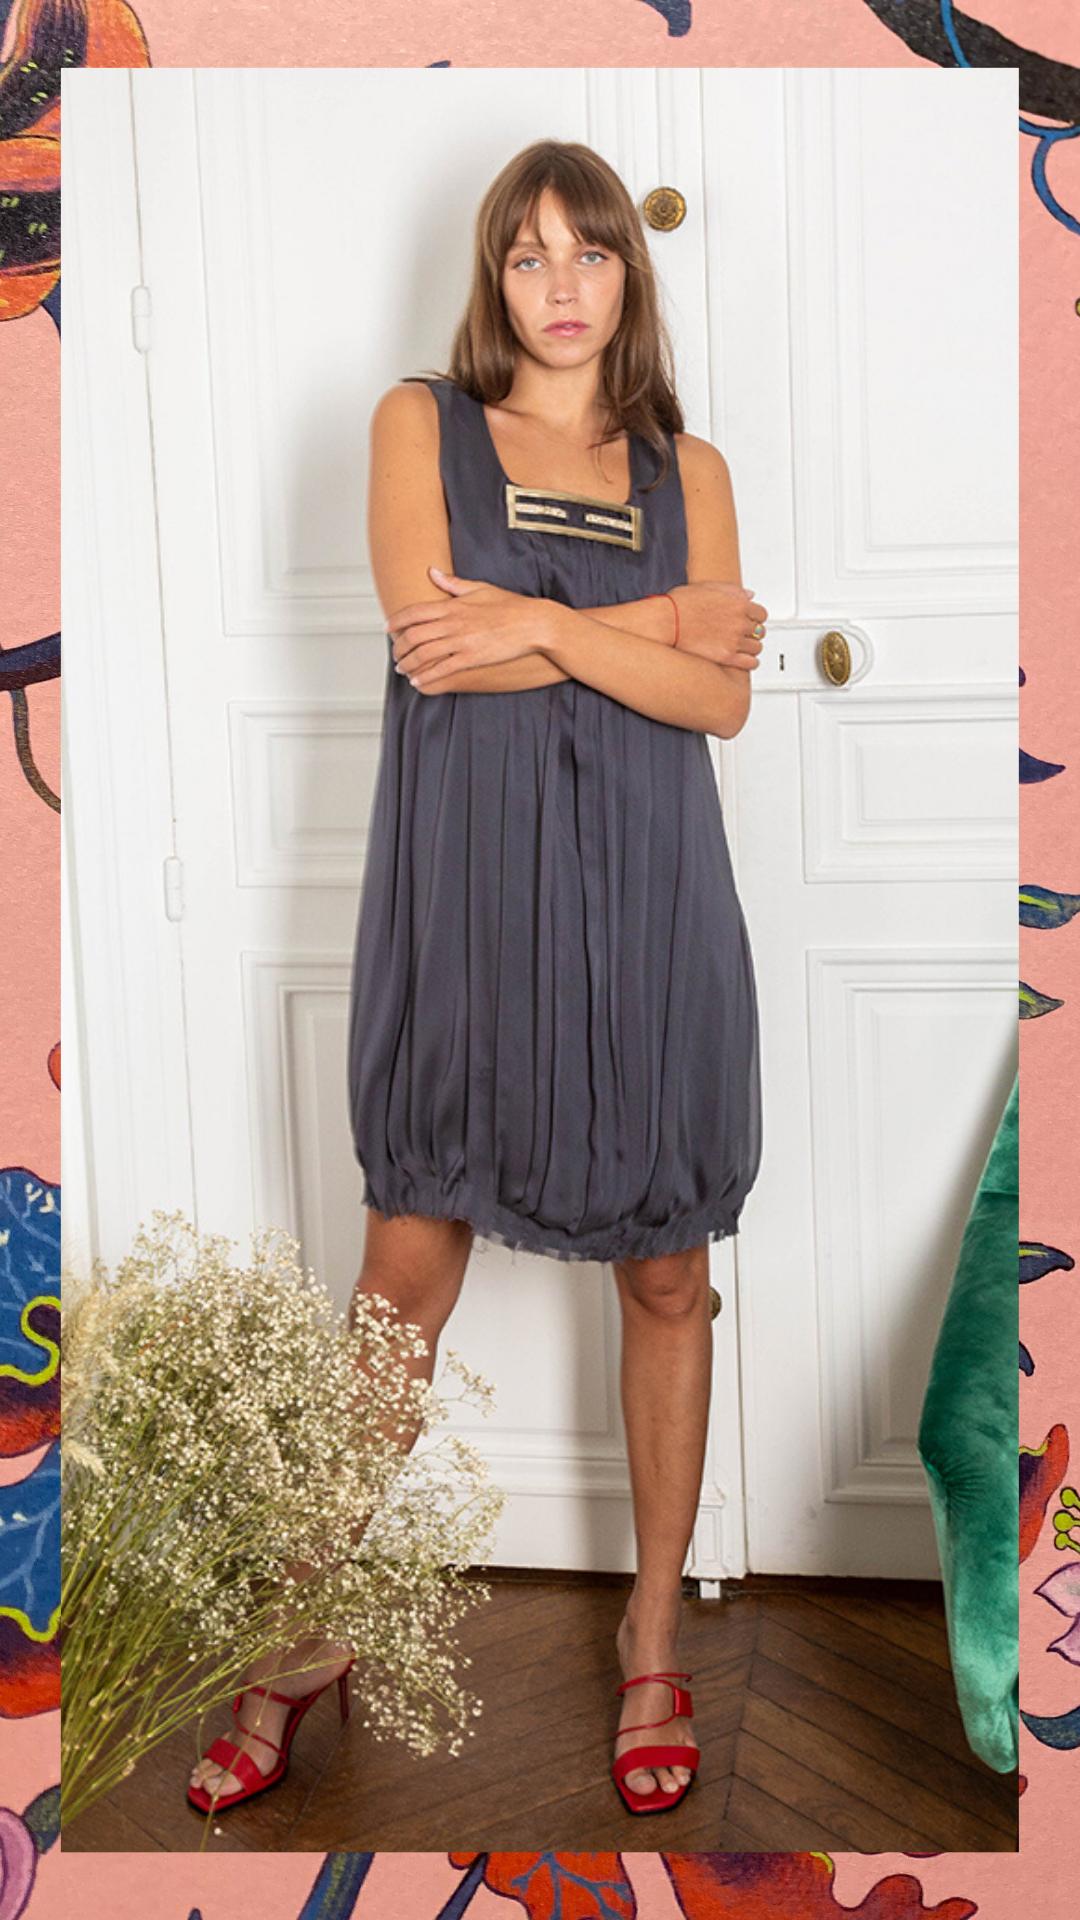 Albertta Ferretti Dress - 290€